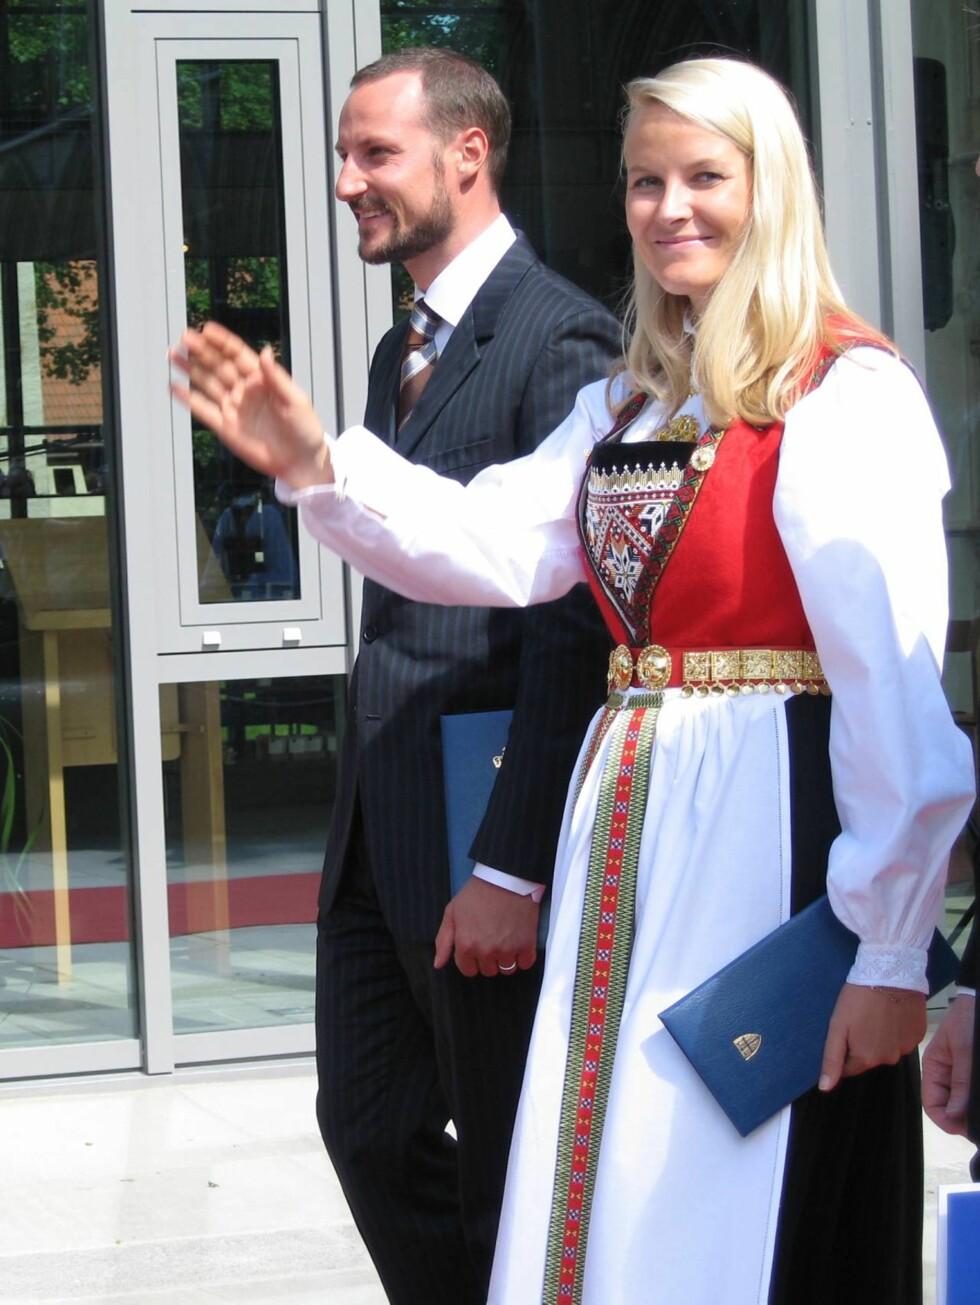 HARDANGERSKRUD: Mette-Marit og Haakon på vei fra Nidarosdomen. Foto: Marcus Husby